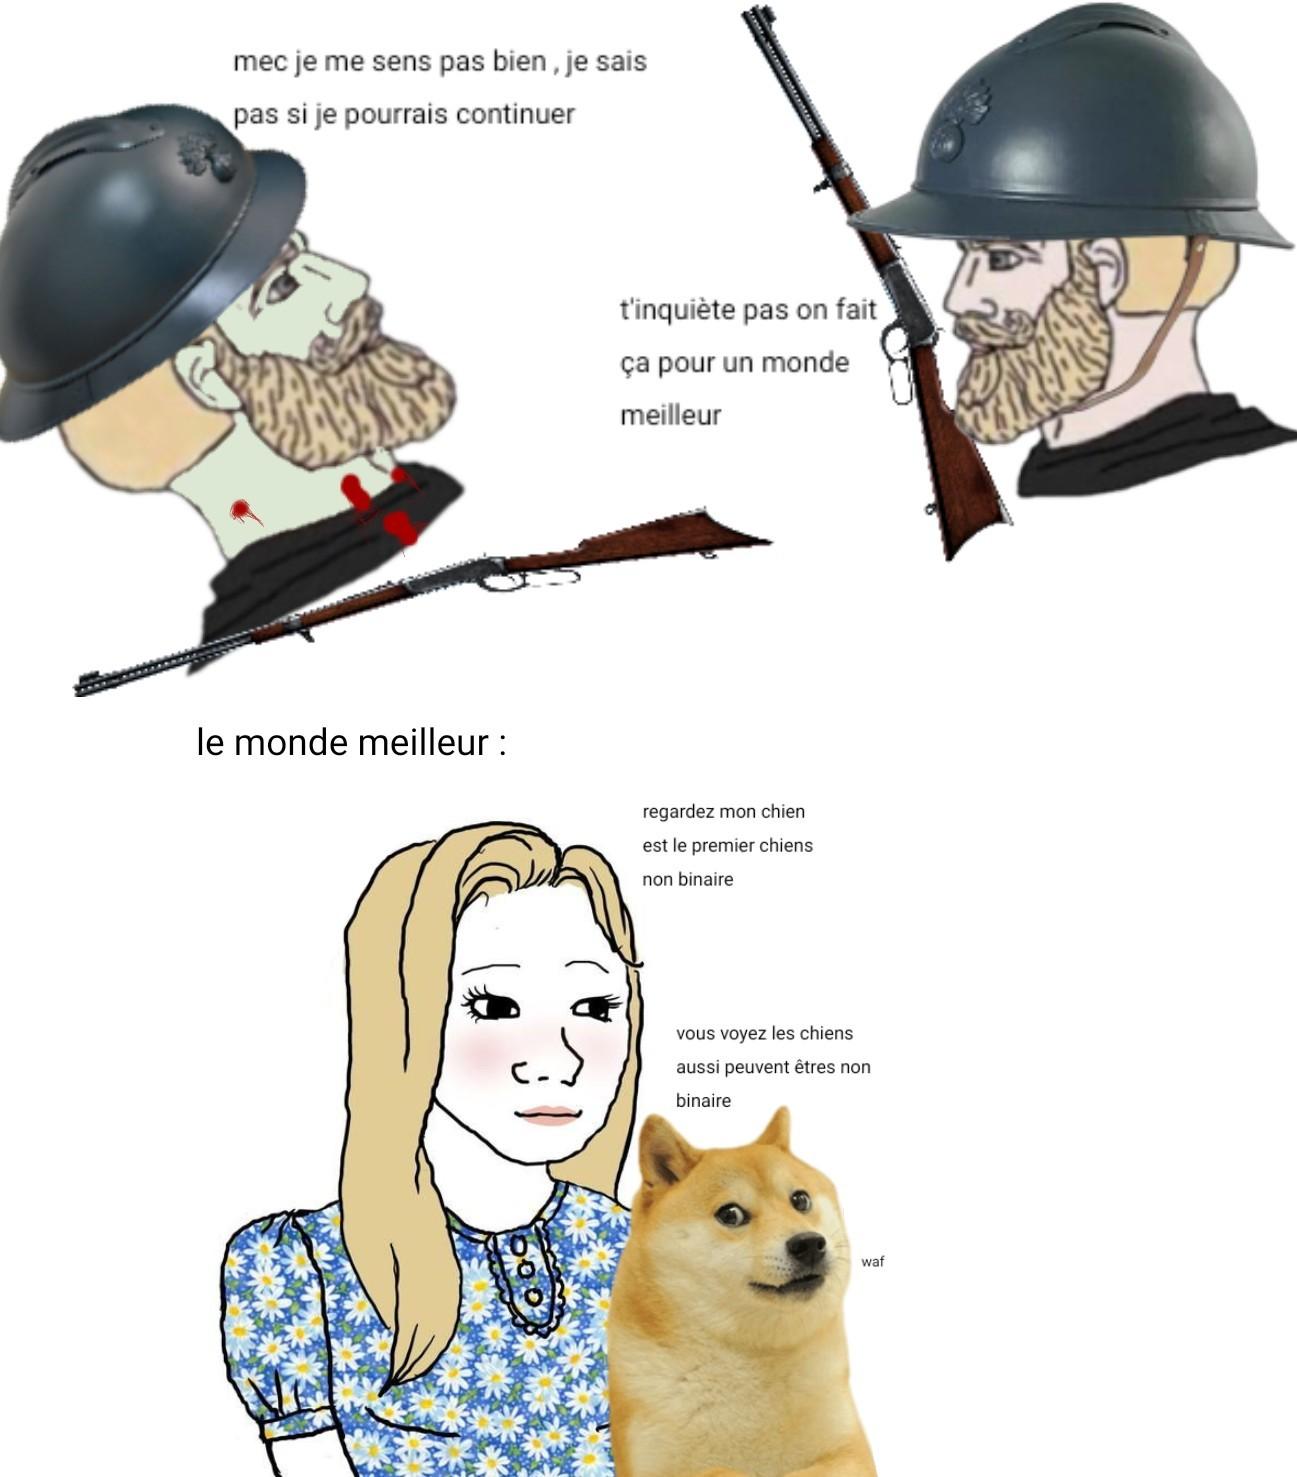 Finalement je préfère le 3eme reich - meme